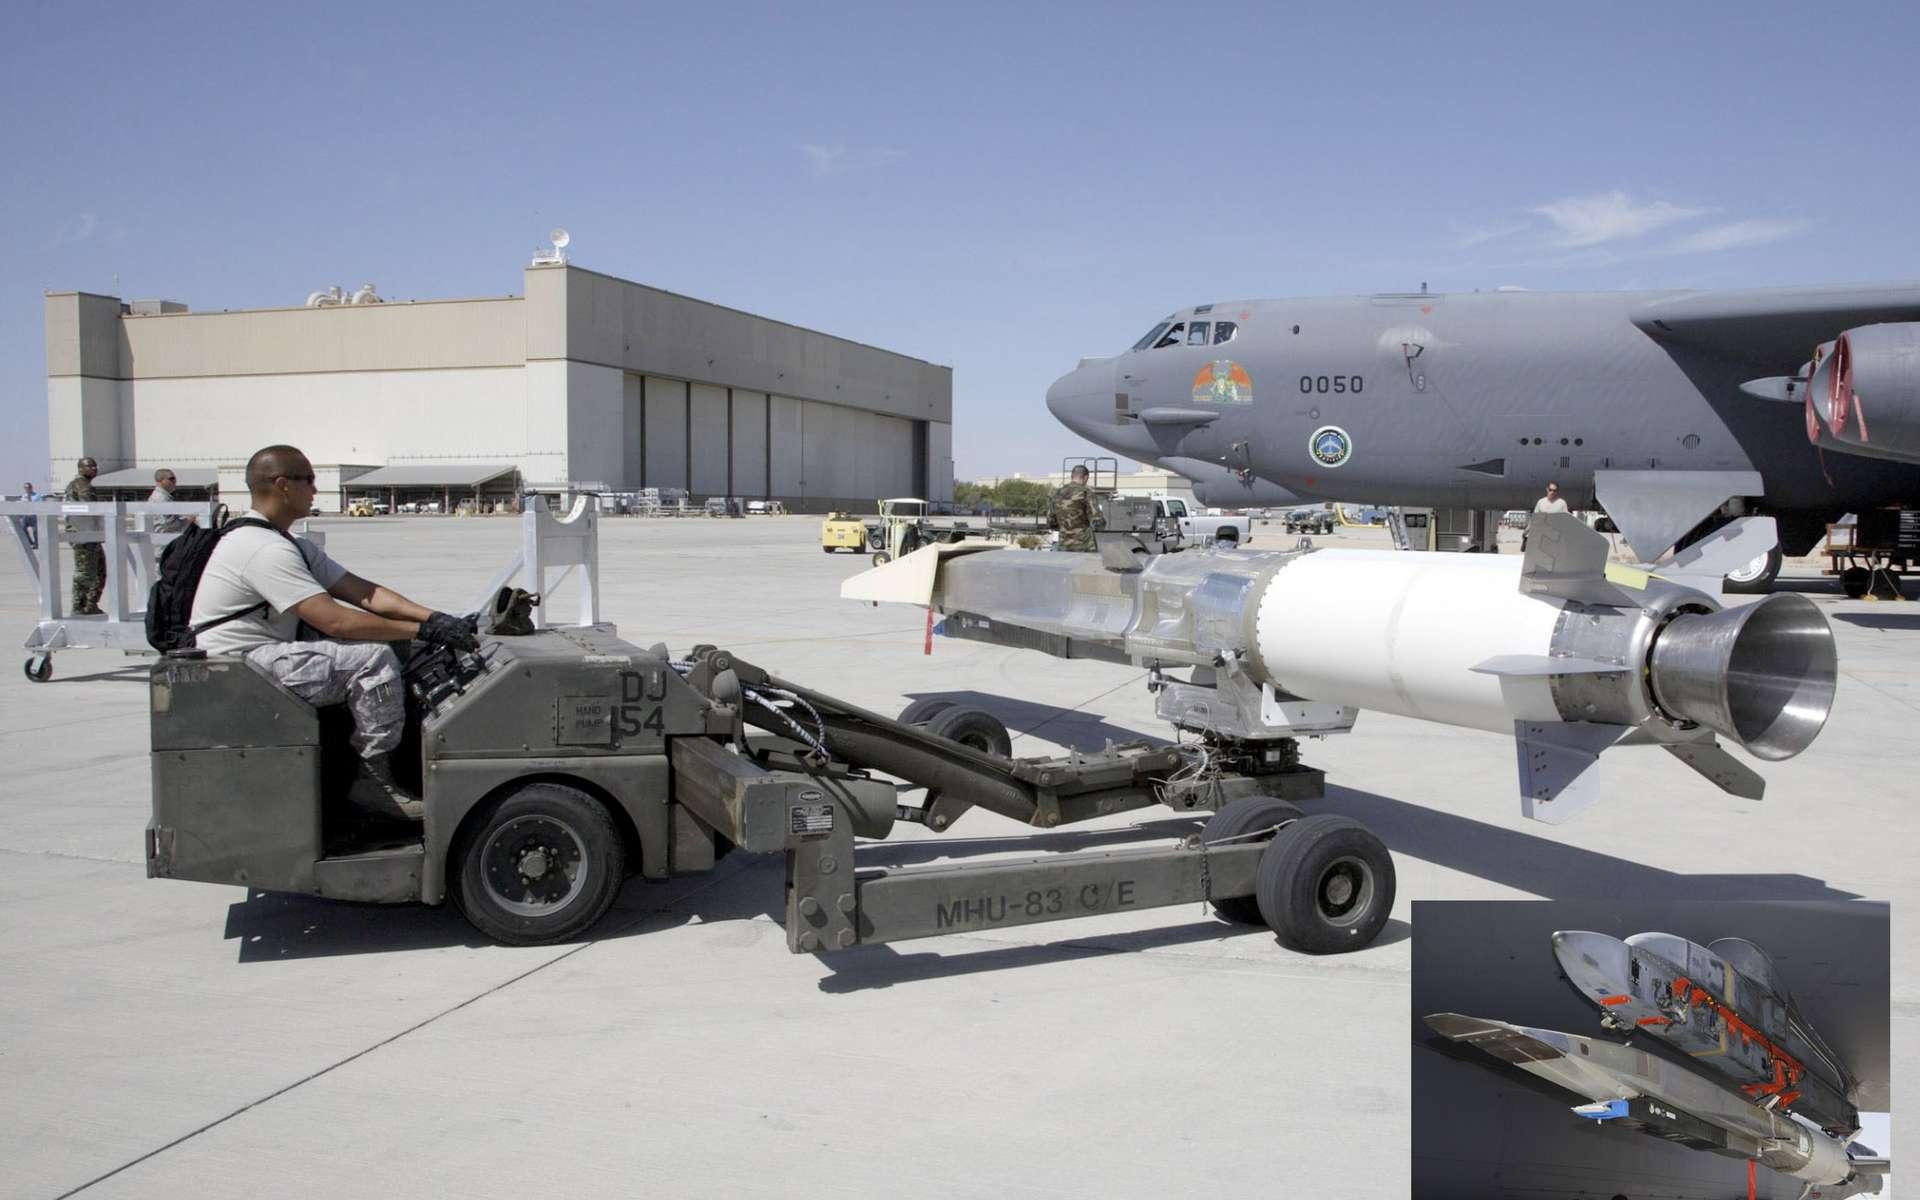 Mise en place du X-51A Waverider sous l'aile du Boeing B52 qui le transporte jusqu'à une altitude de 15 km avant de le larguer. Le nom de Waverider vient du fait que l'engin surfe sur sa propre onde de choc. © Wright-Patterson Air Force Base/Chad Bellay